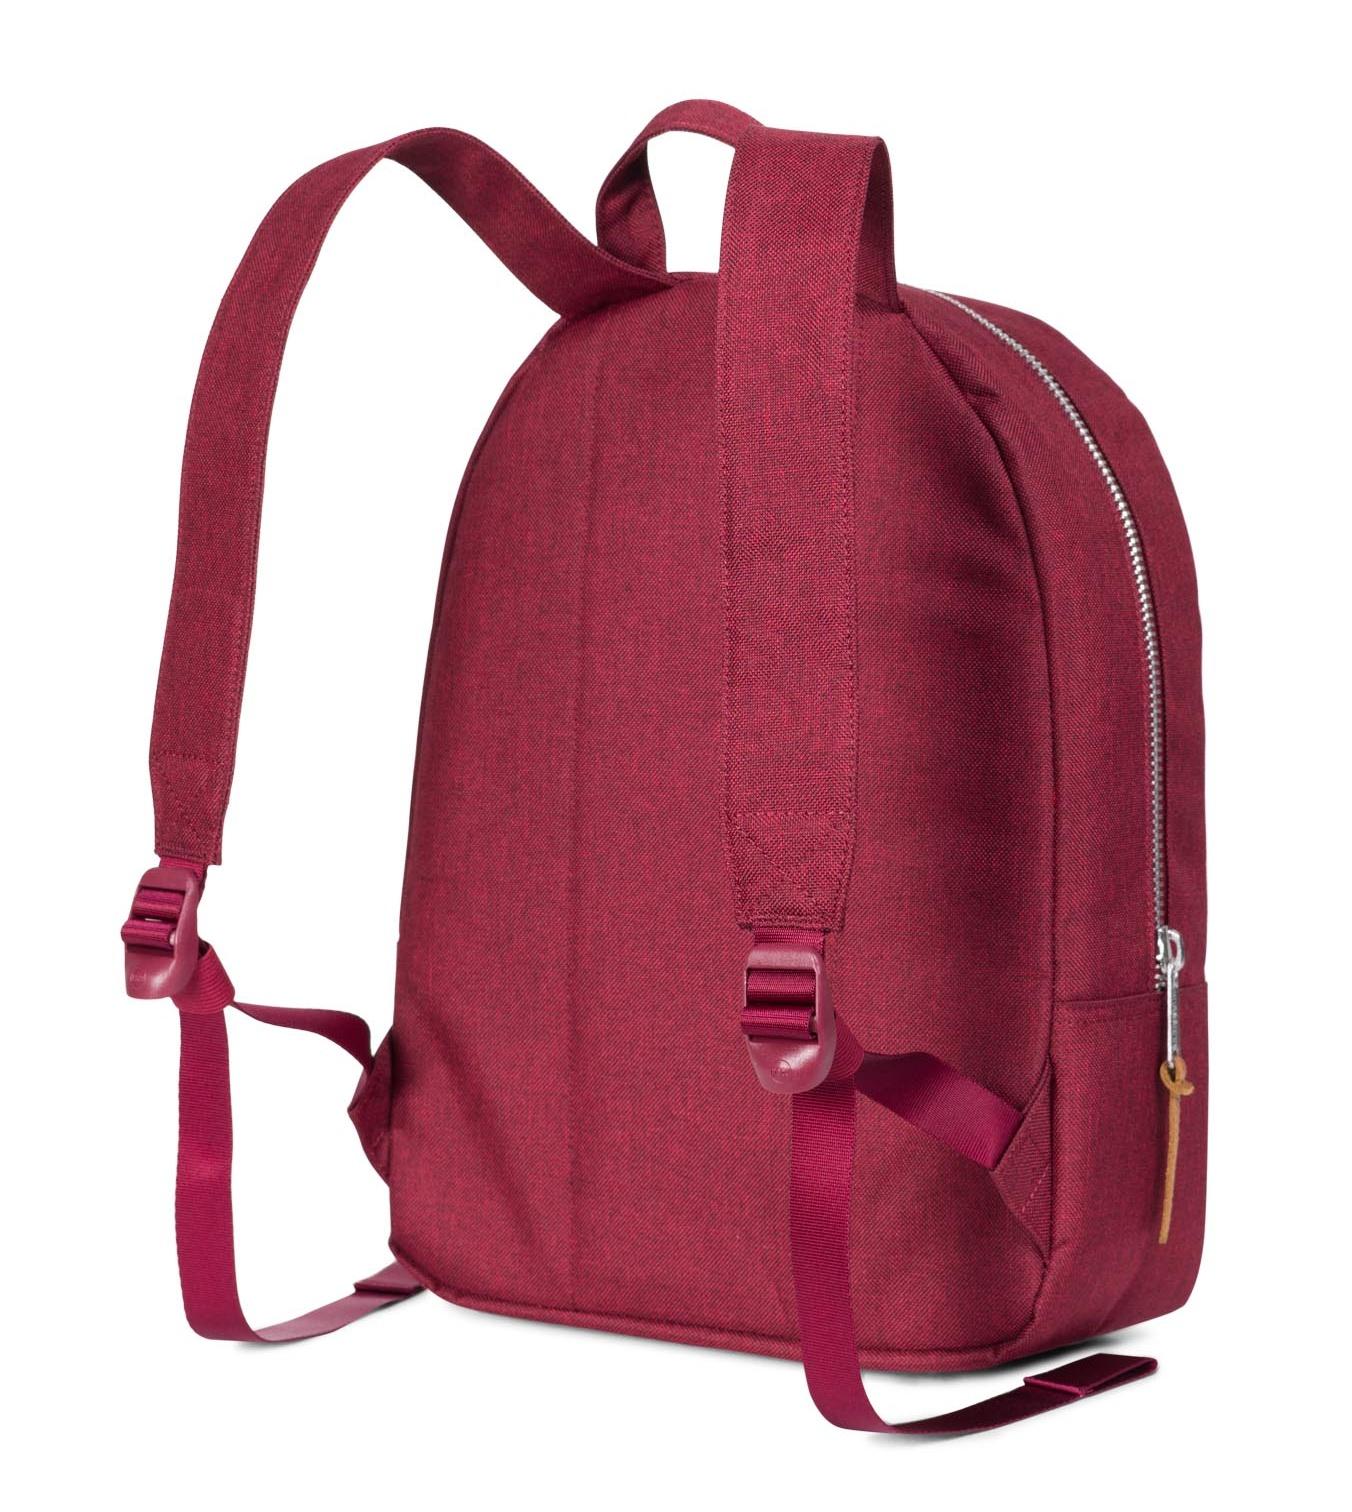 6a9b9f0f8bb4d Jungen-accessoires Reisen Herschel Grove X-small Backpack Rucksack Tasche  Winetasting Crosshatch Rot Neu